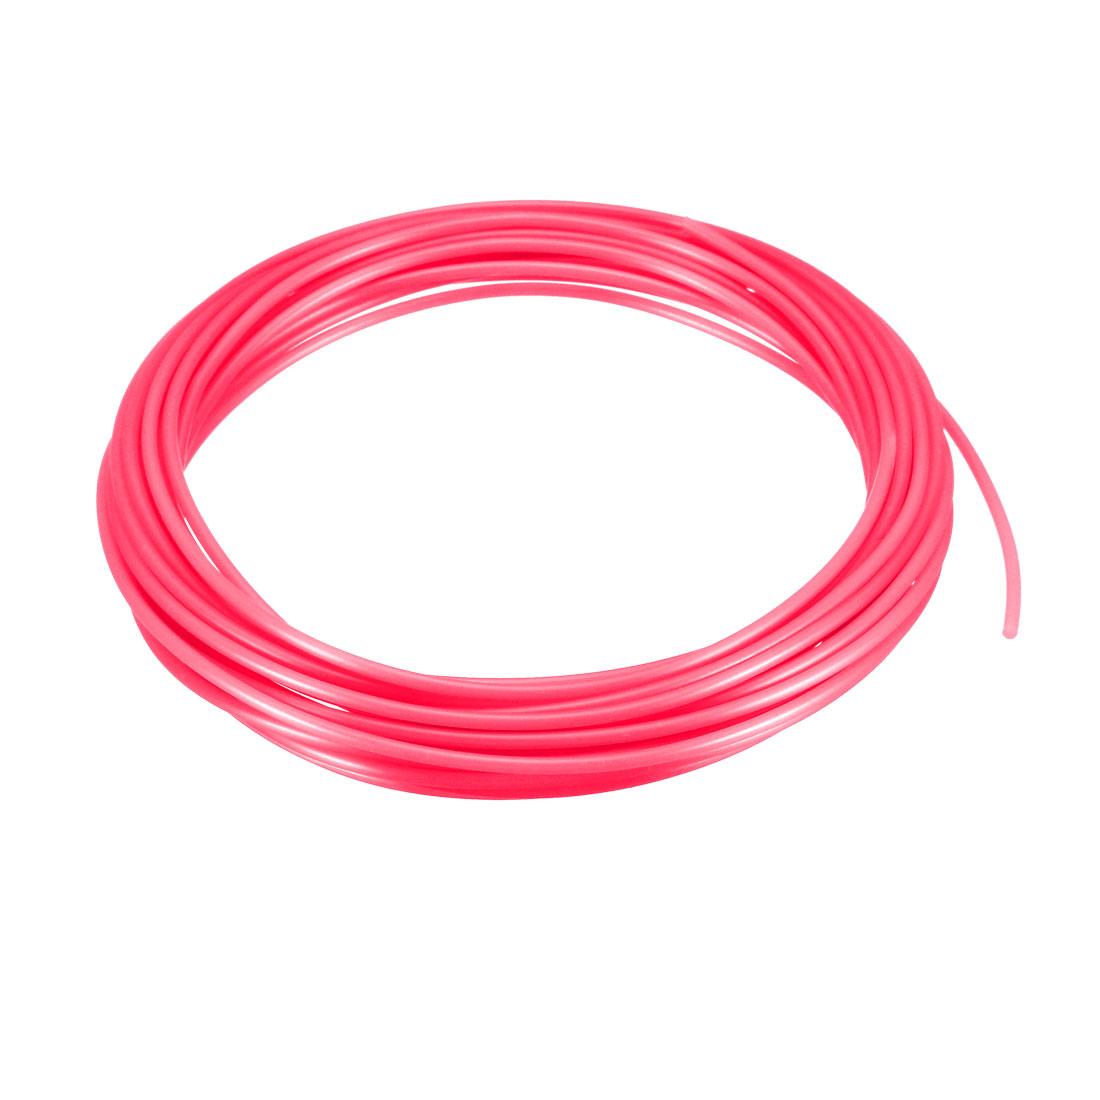 5 Meter/16 Ft PLA 3D Pen/3D Printer Filament, 1.75 mm Transparent Red